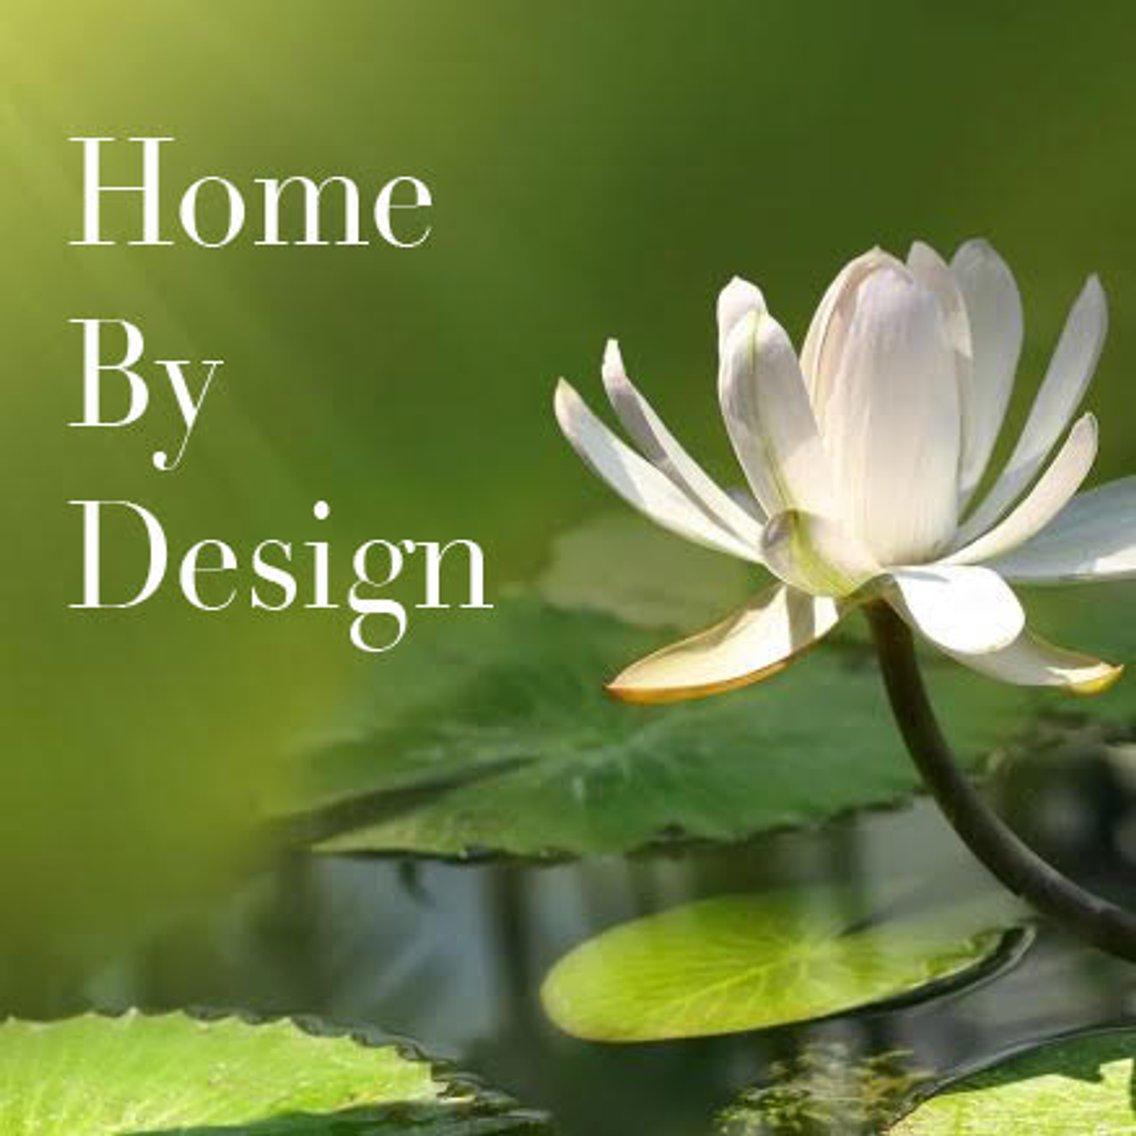 Home By Design - imagen de portada